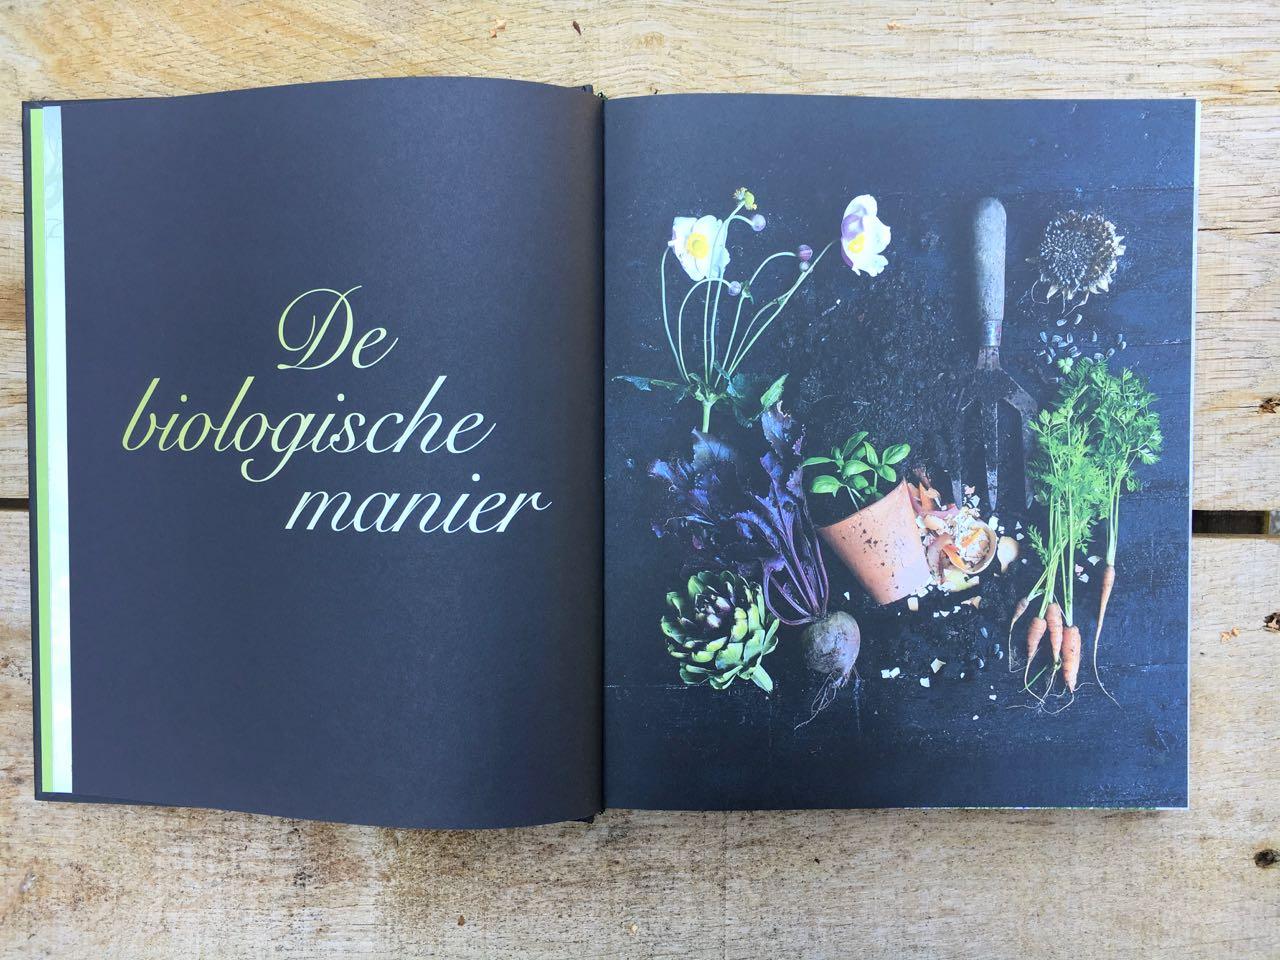 recensie biodynamisch tuinieren